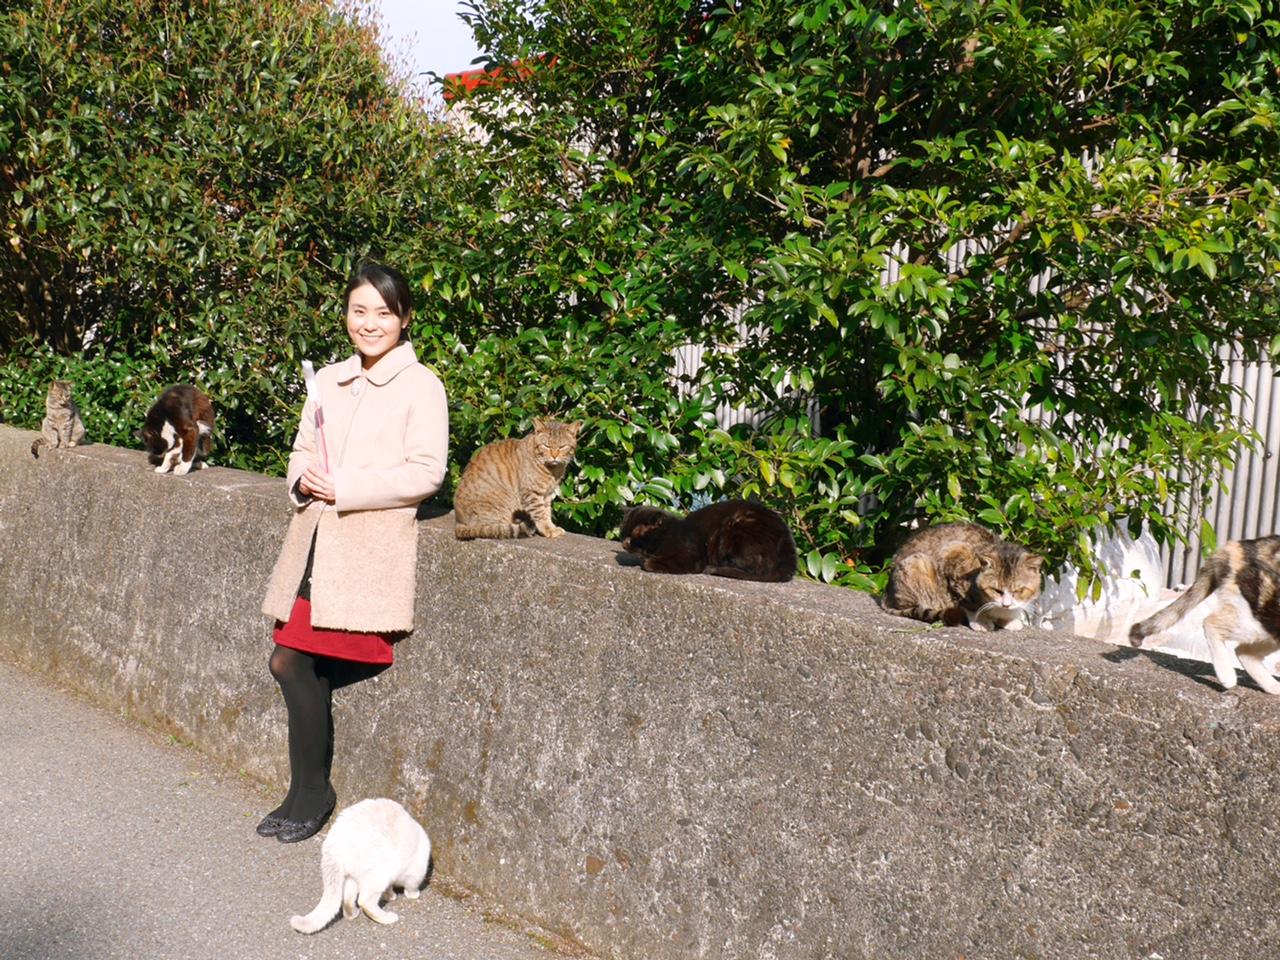 CNN「世界6大猫スポット」に選出!猫好きにはたまらない相島(福岡県)